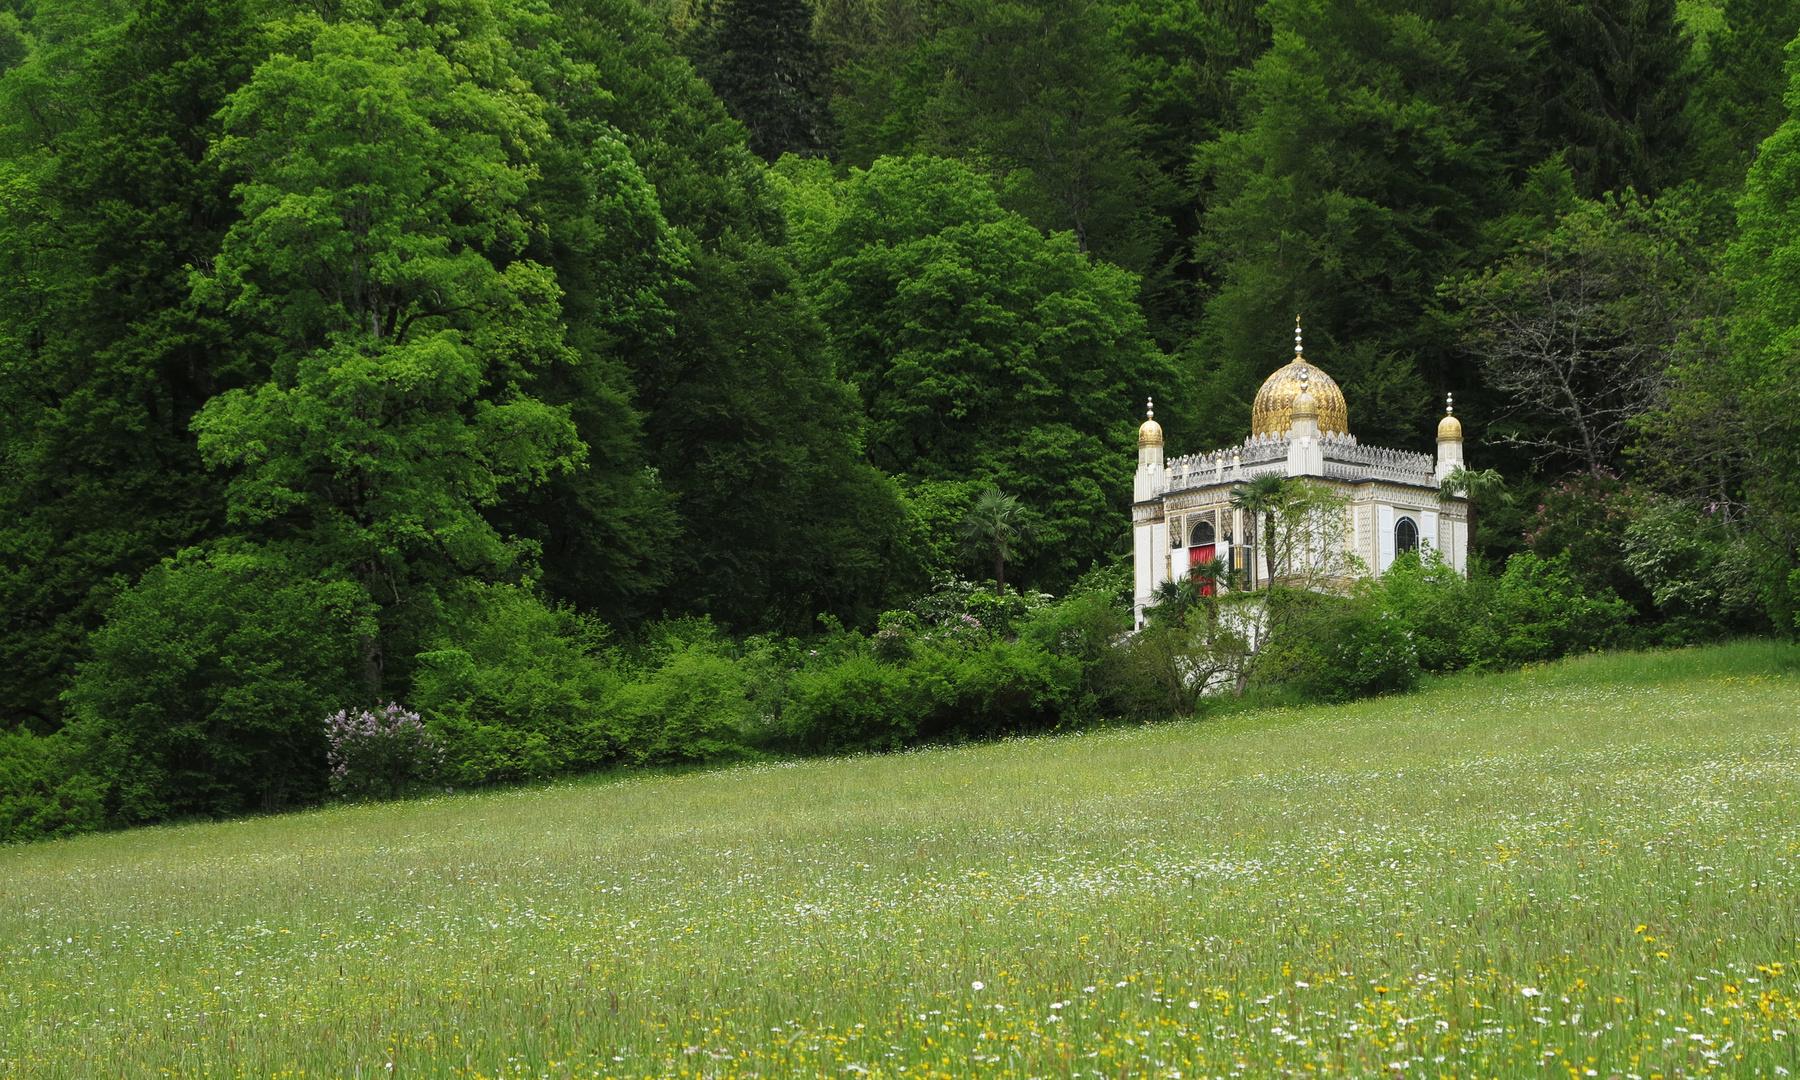 Schlossanlage Linderhof - Maurischer Kiosk II